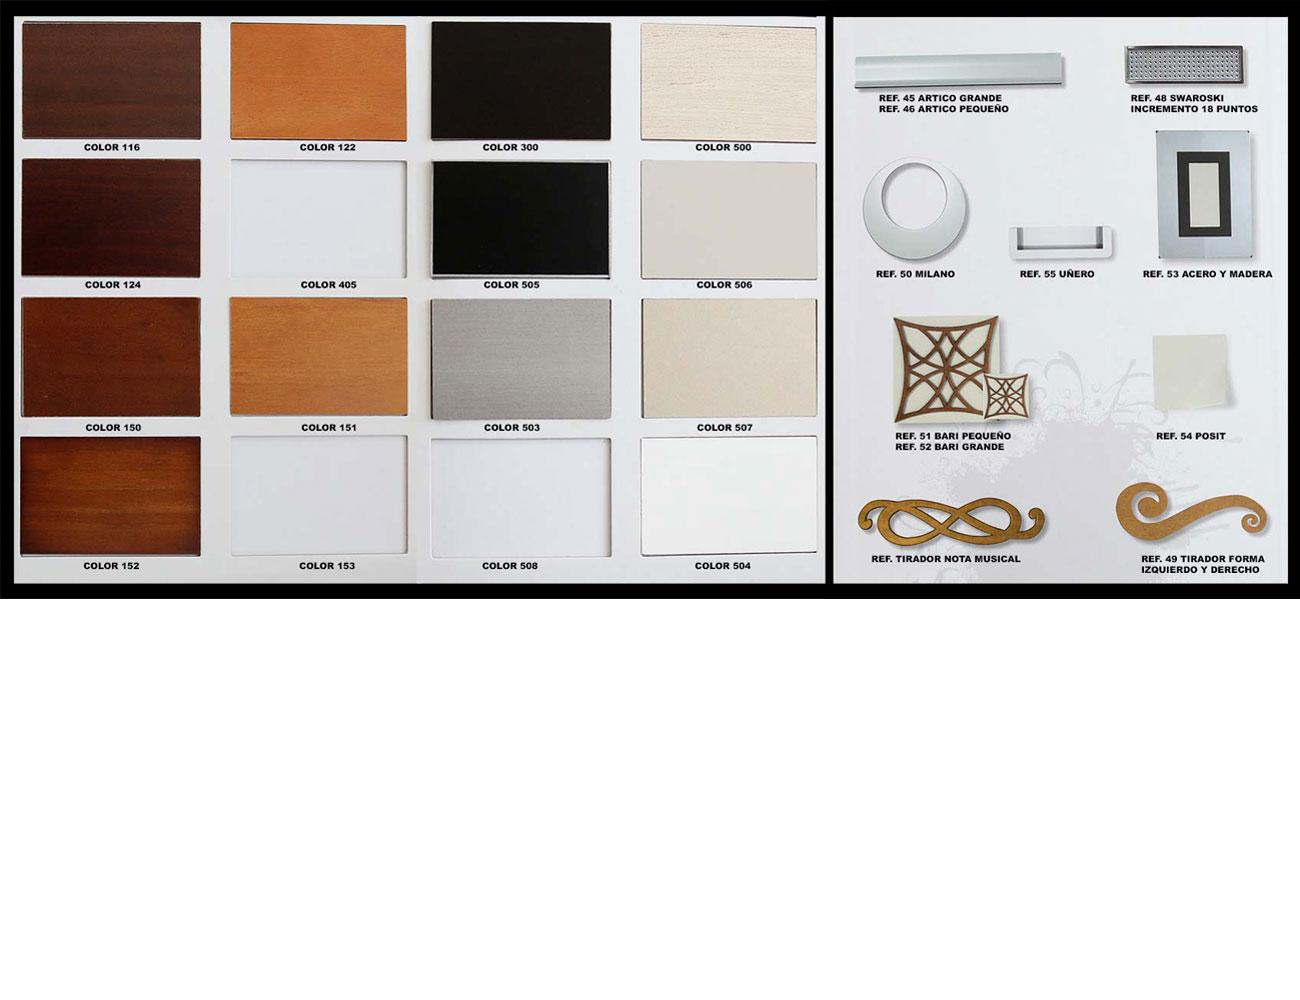 Colores tiradores11